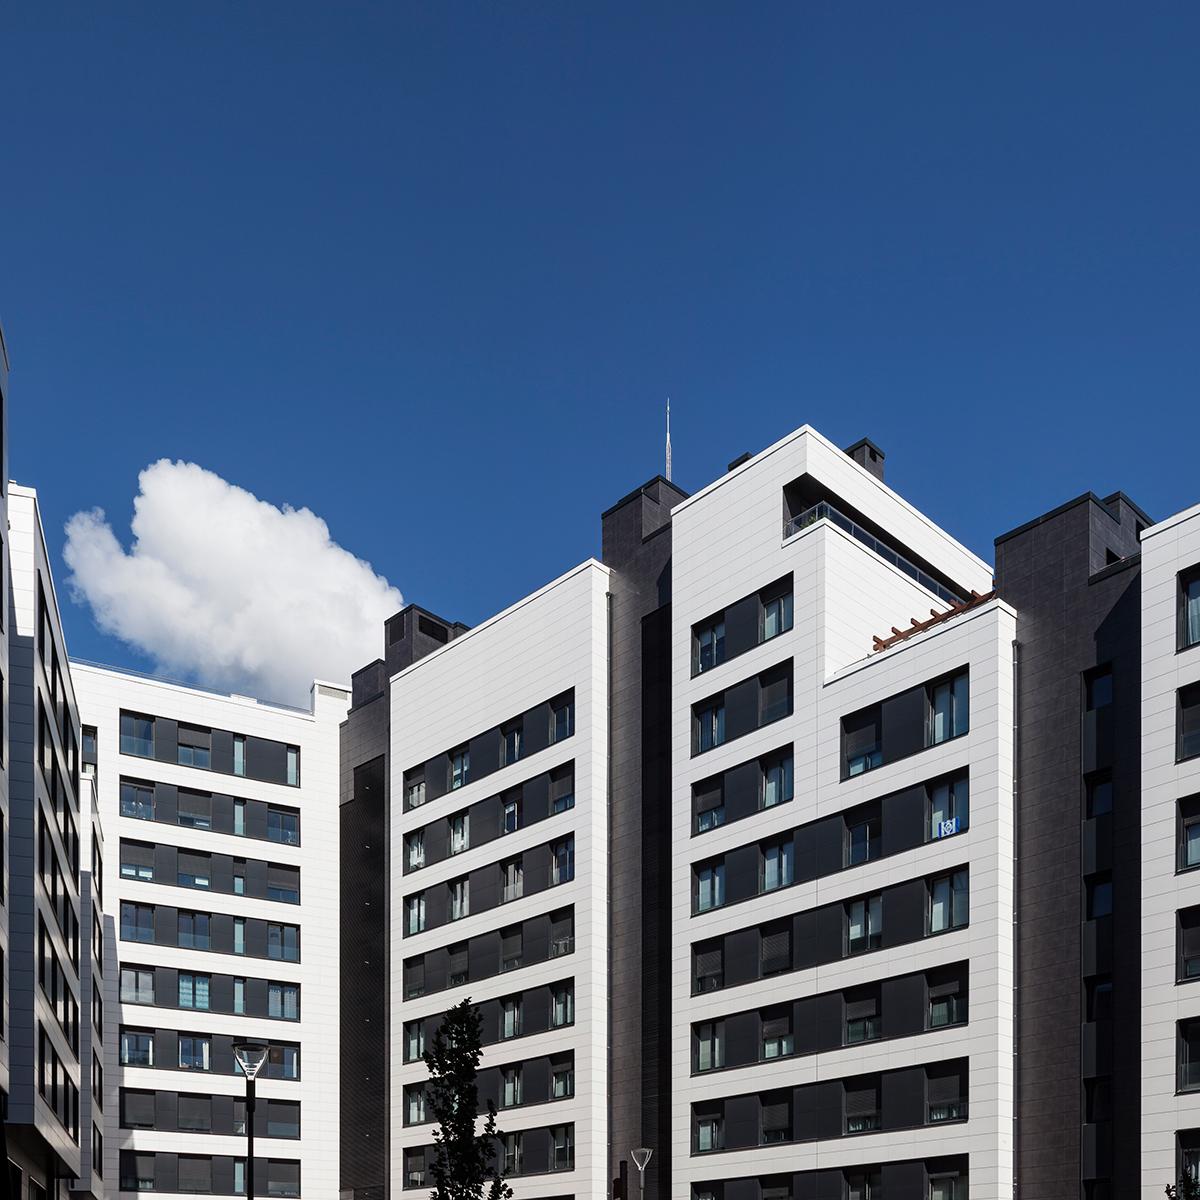 Viviendas en Donostia- San Sebastián; Bieme arquitectura 2020.